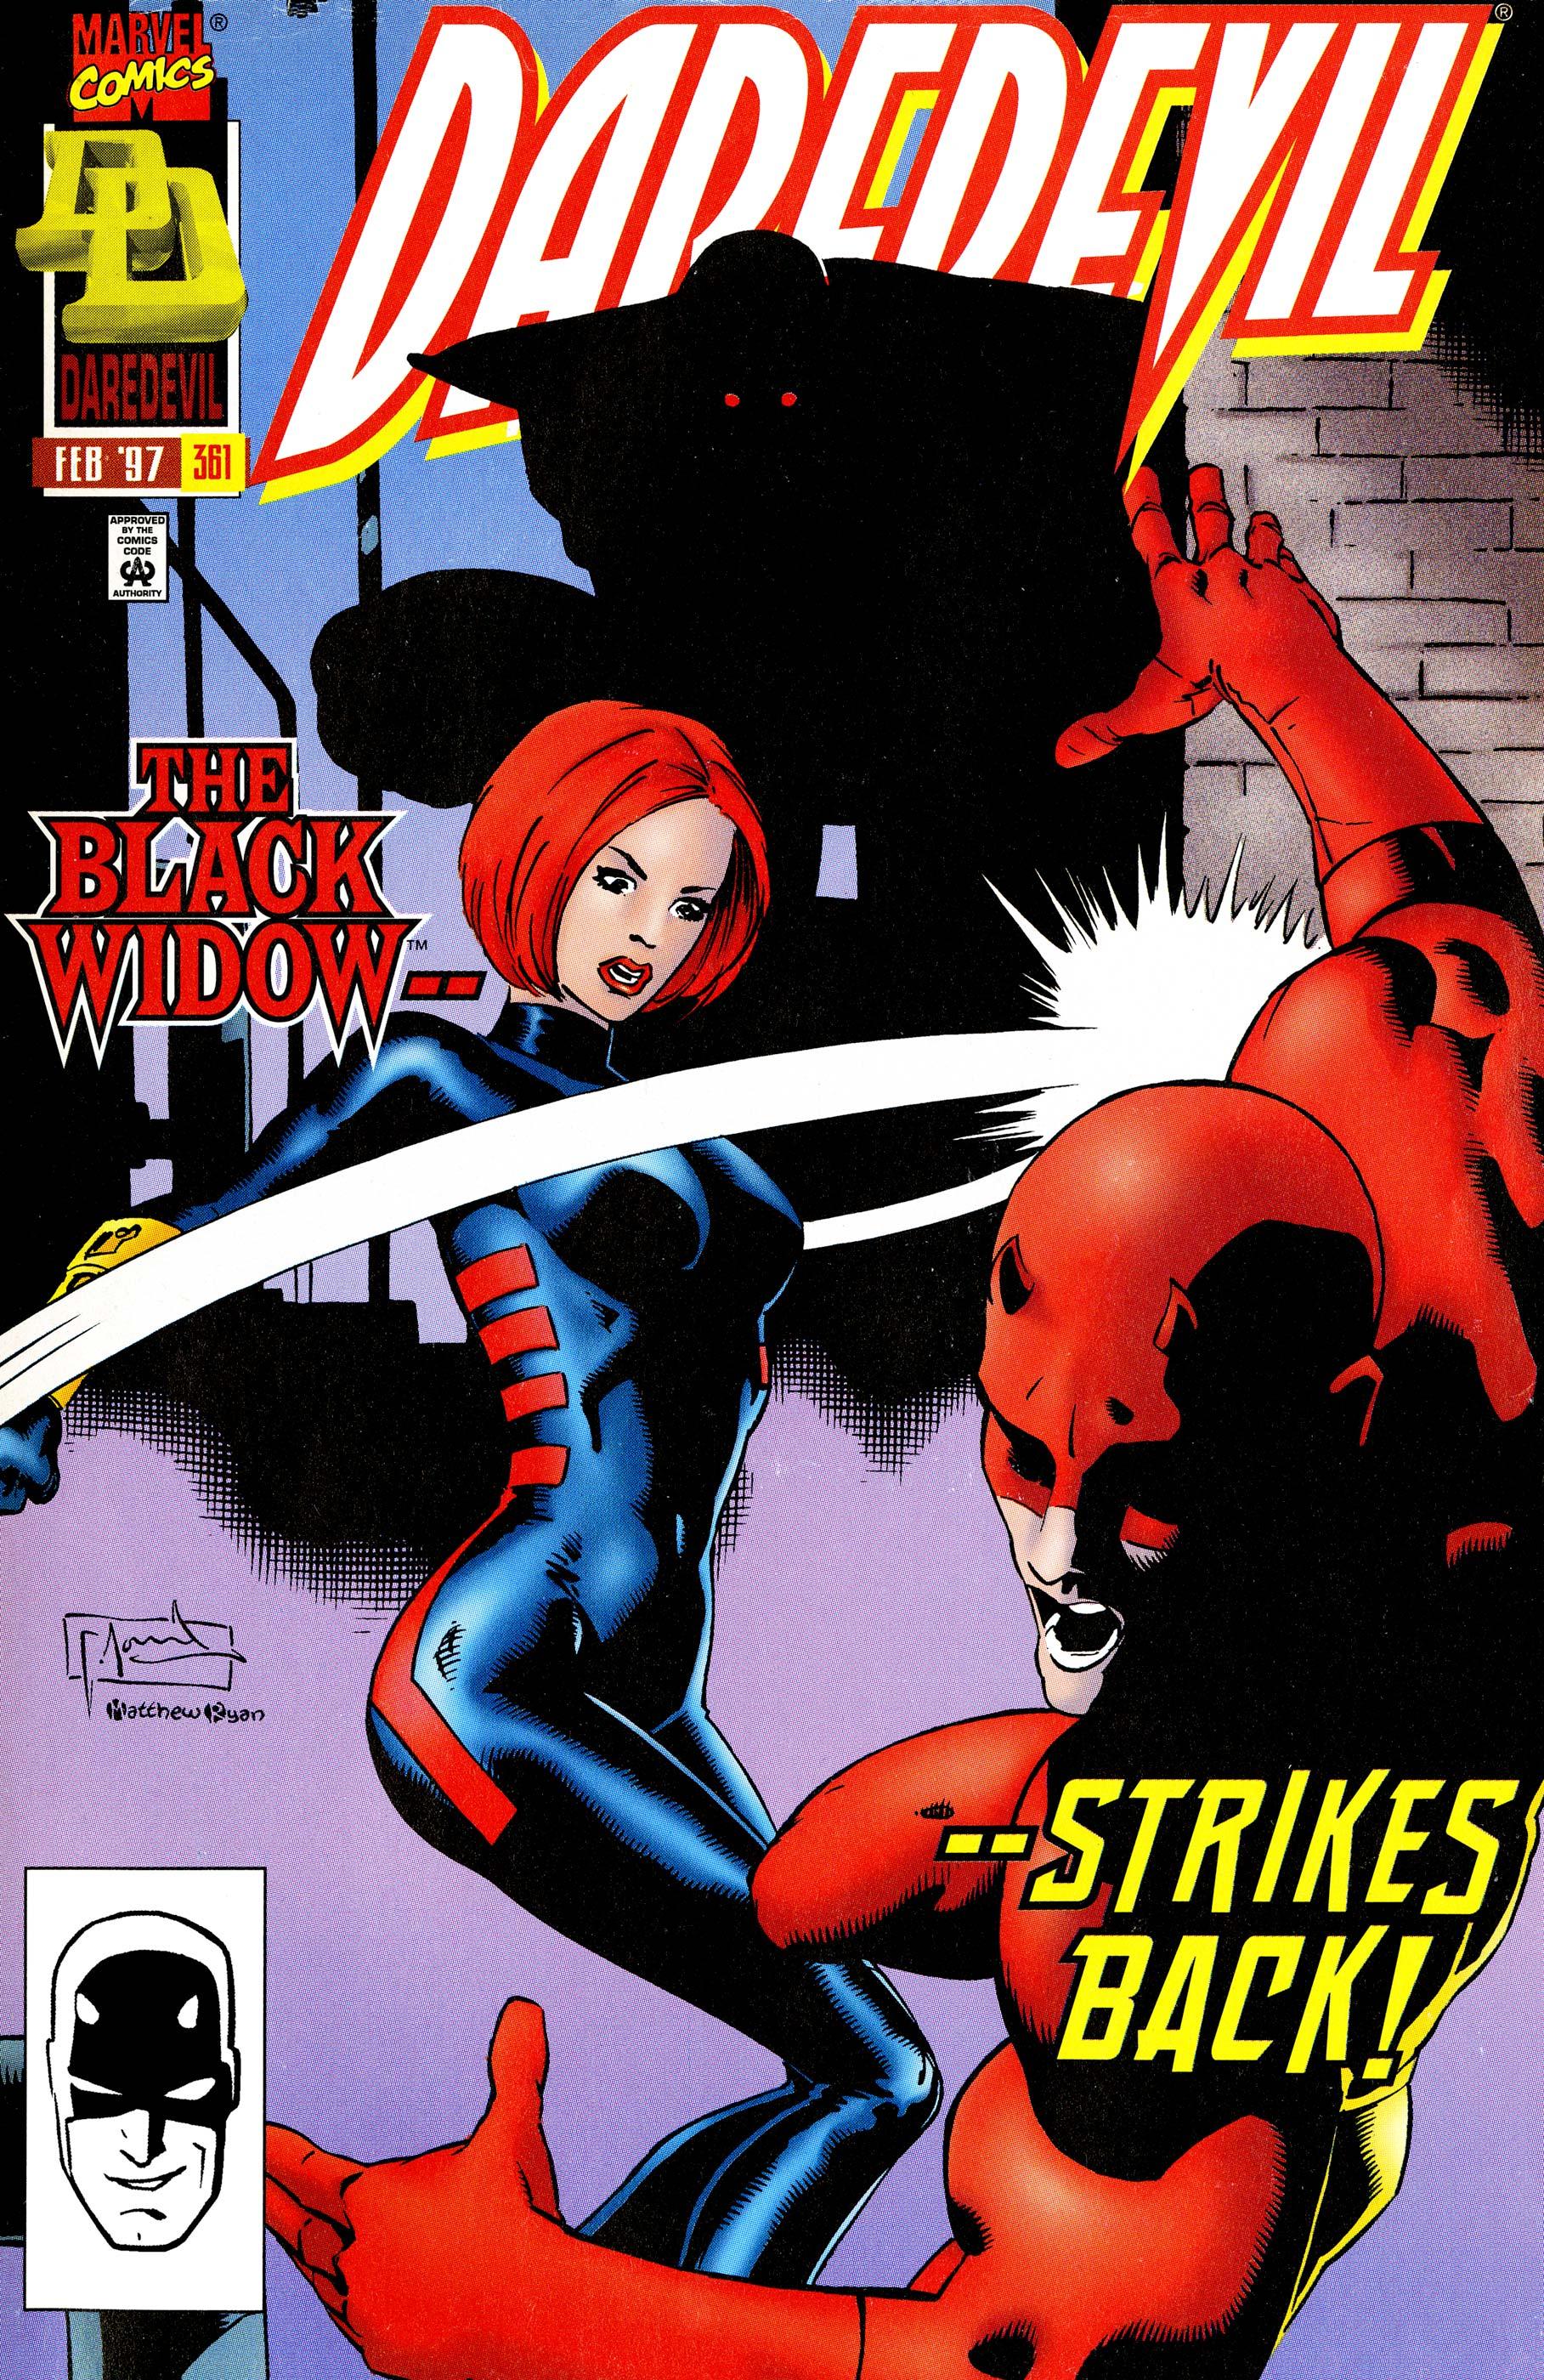 Daredevil (1964) #361